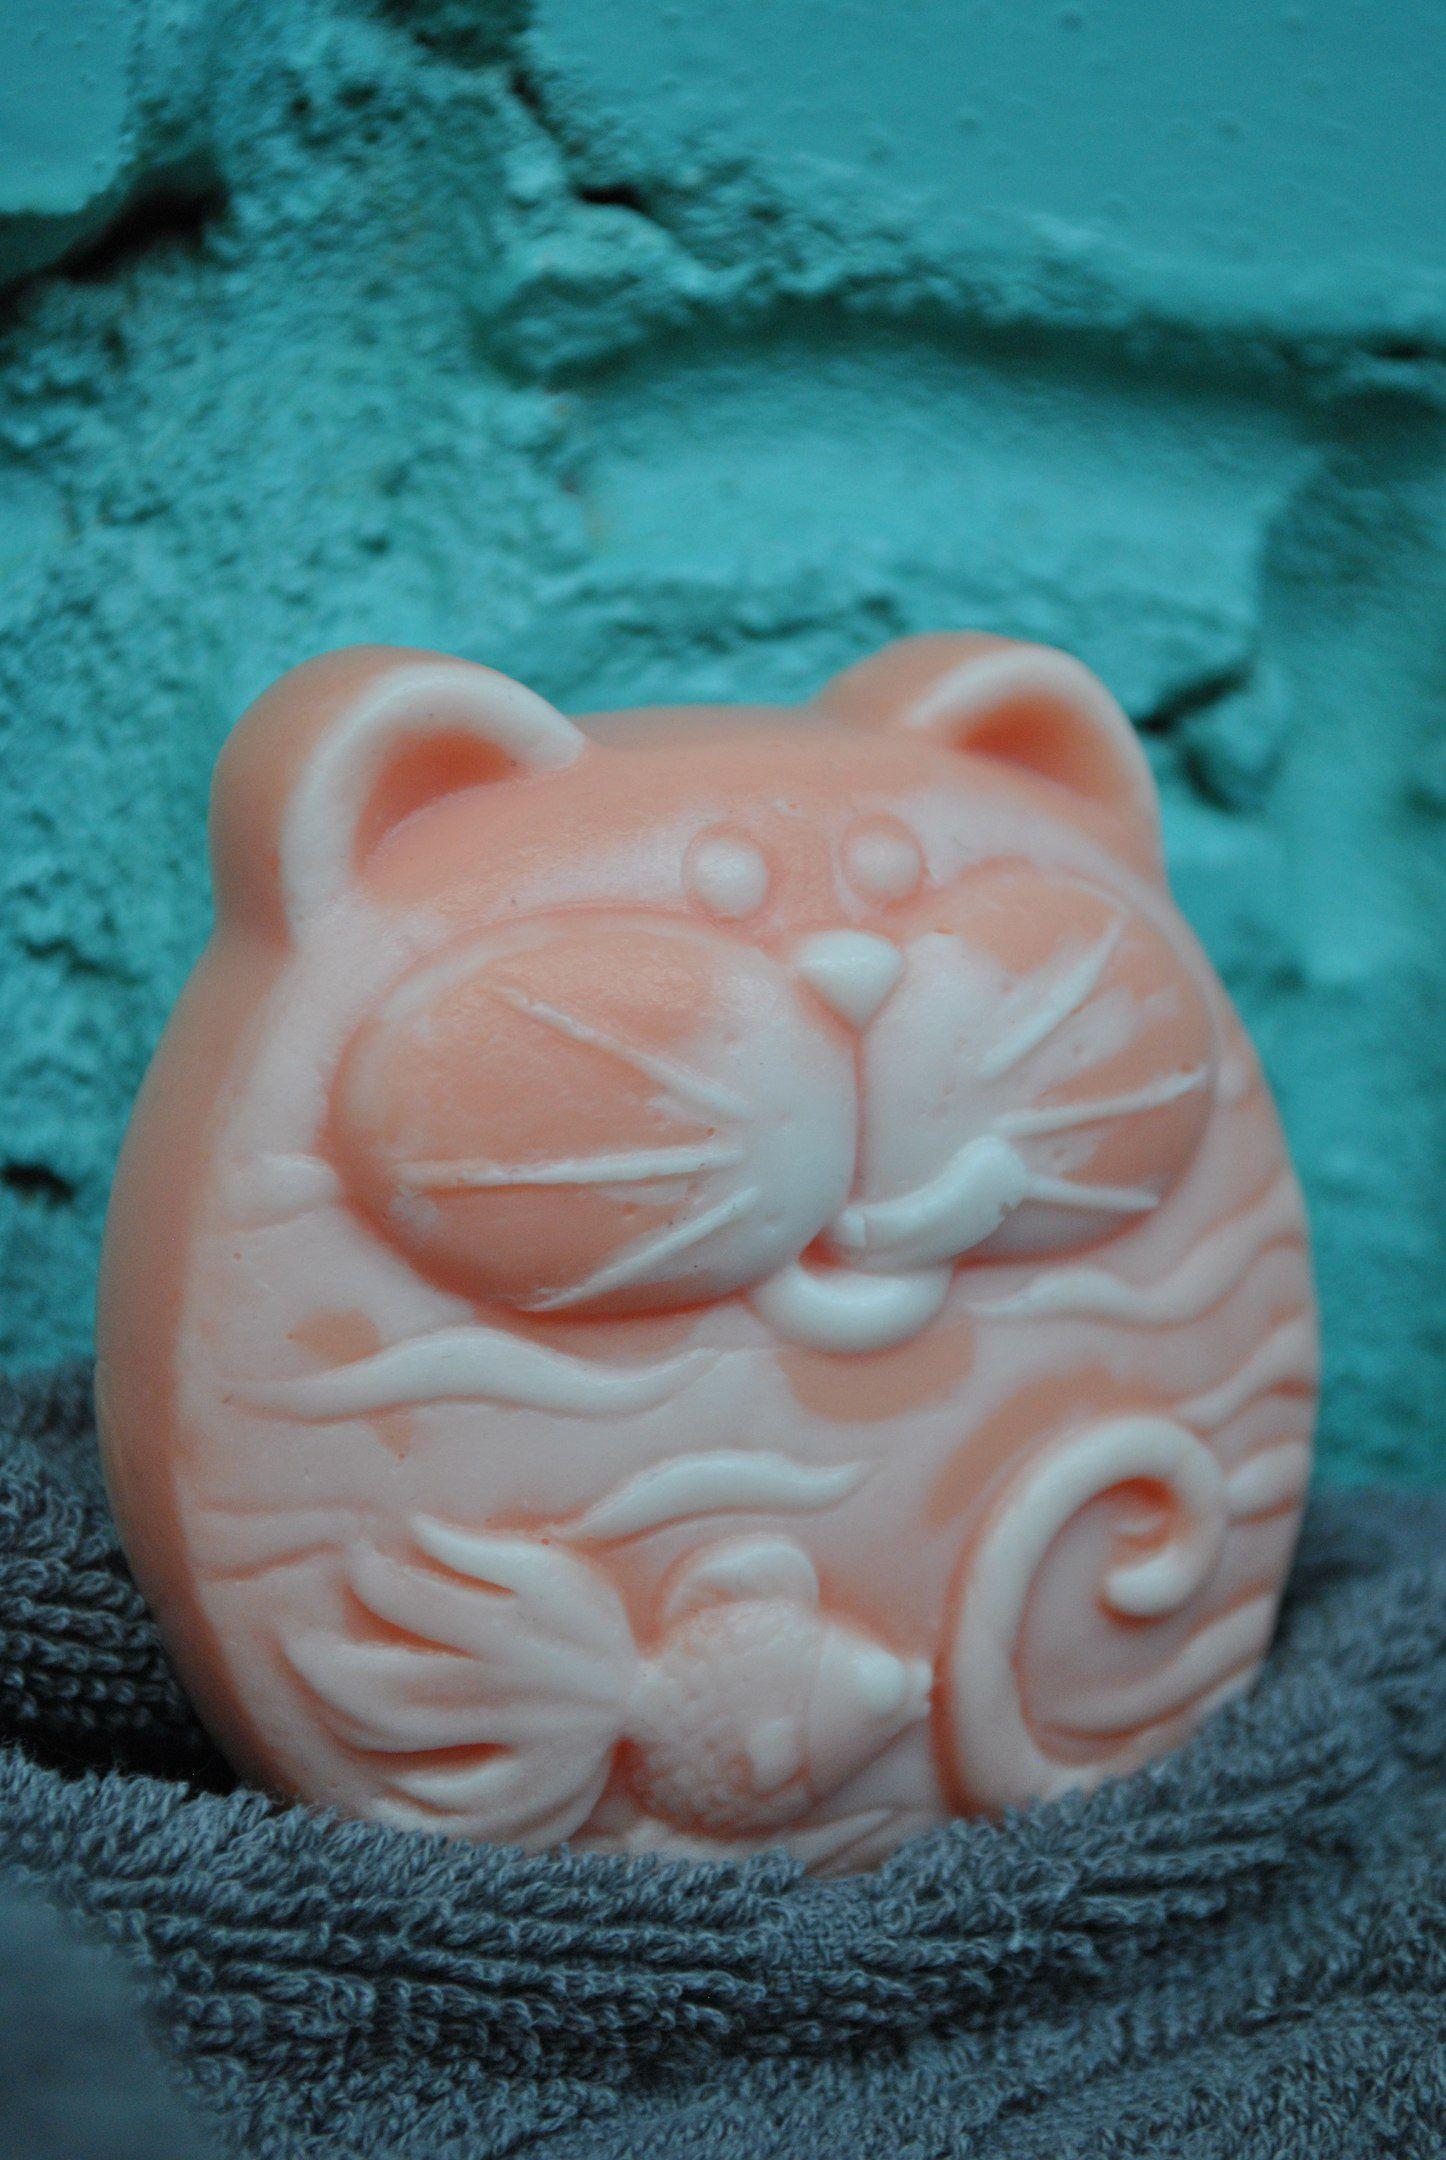 косметика soap мылоручнойработы мыло подарок